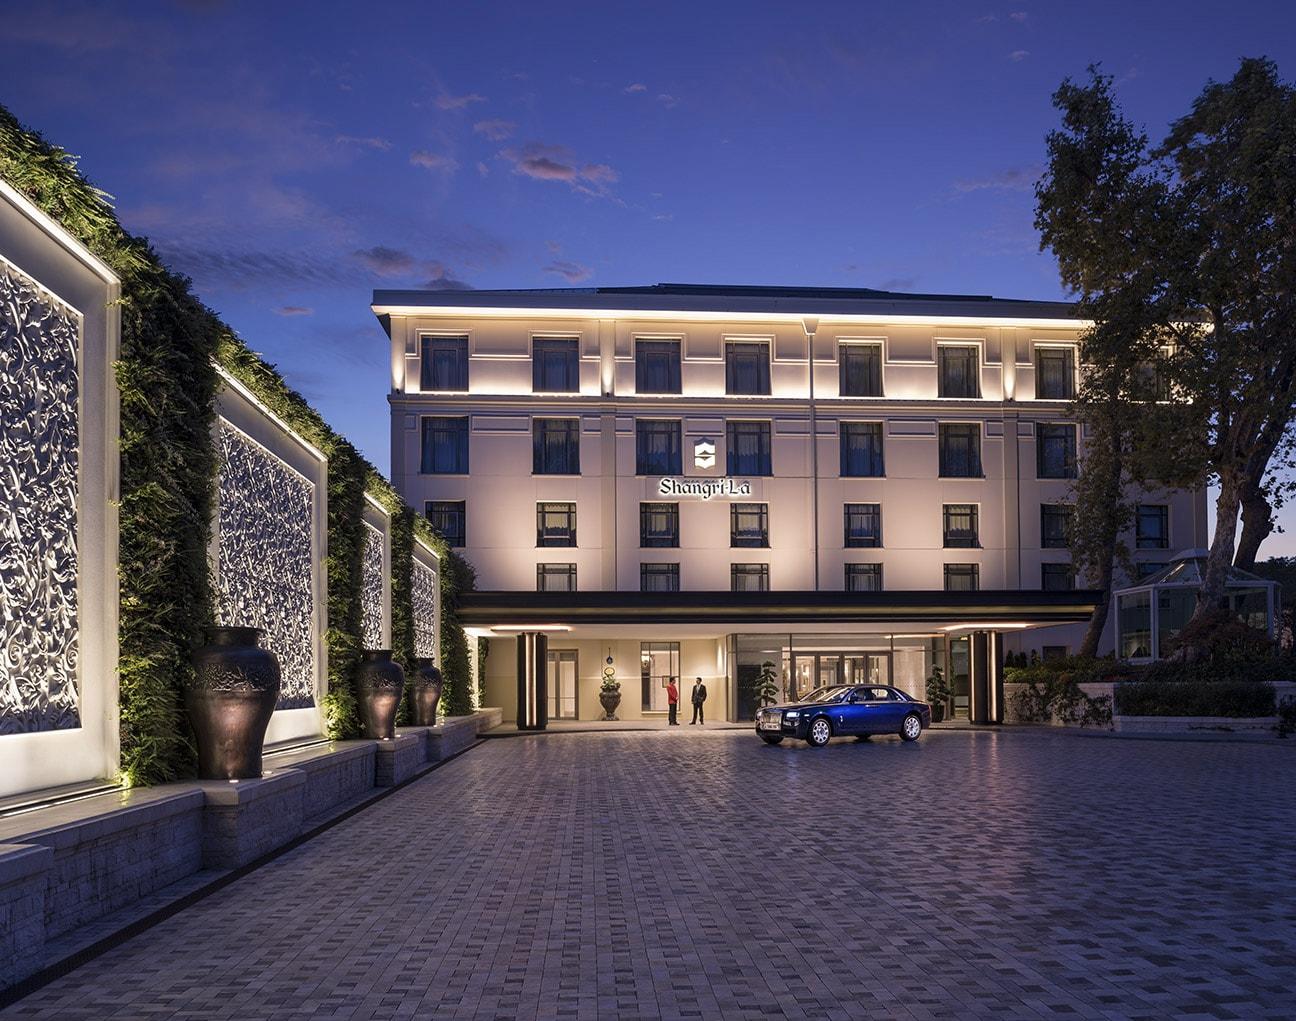 Отель в Стамбуле Shangri-La Bosphorus